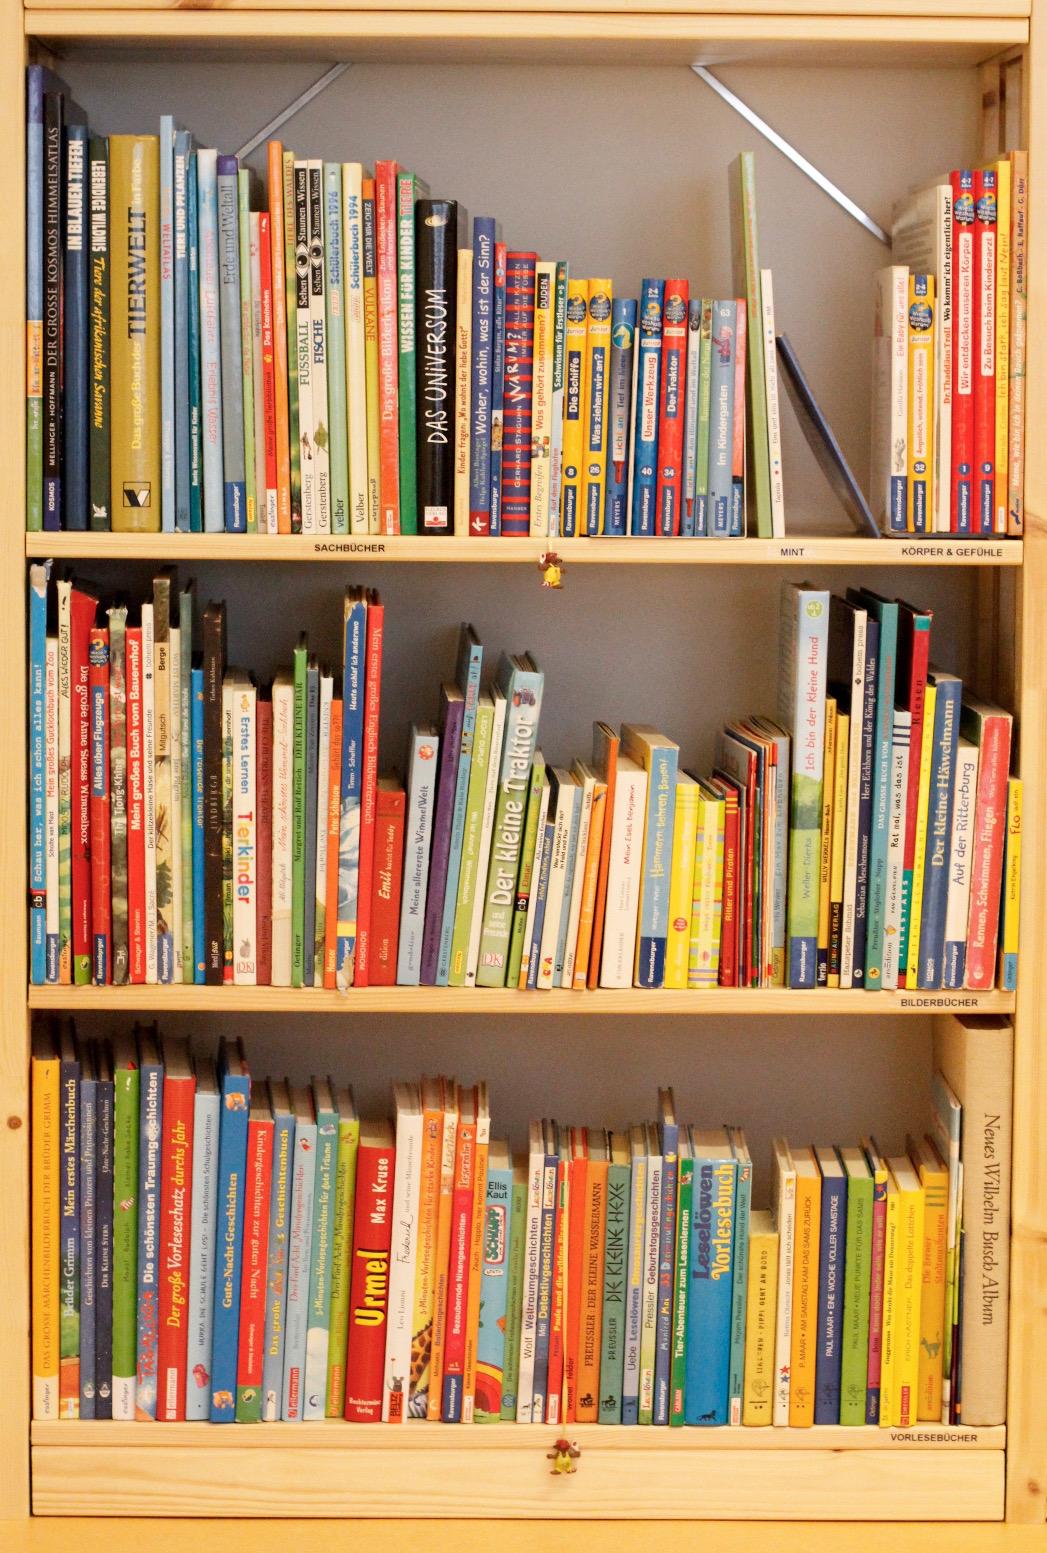 Buchregal mit viele Bücher